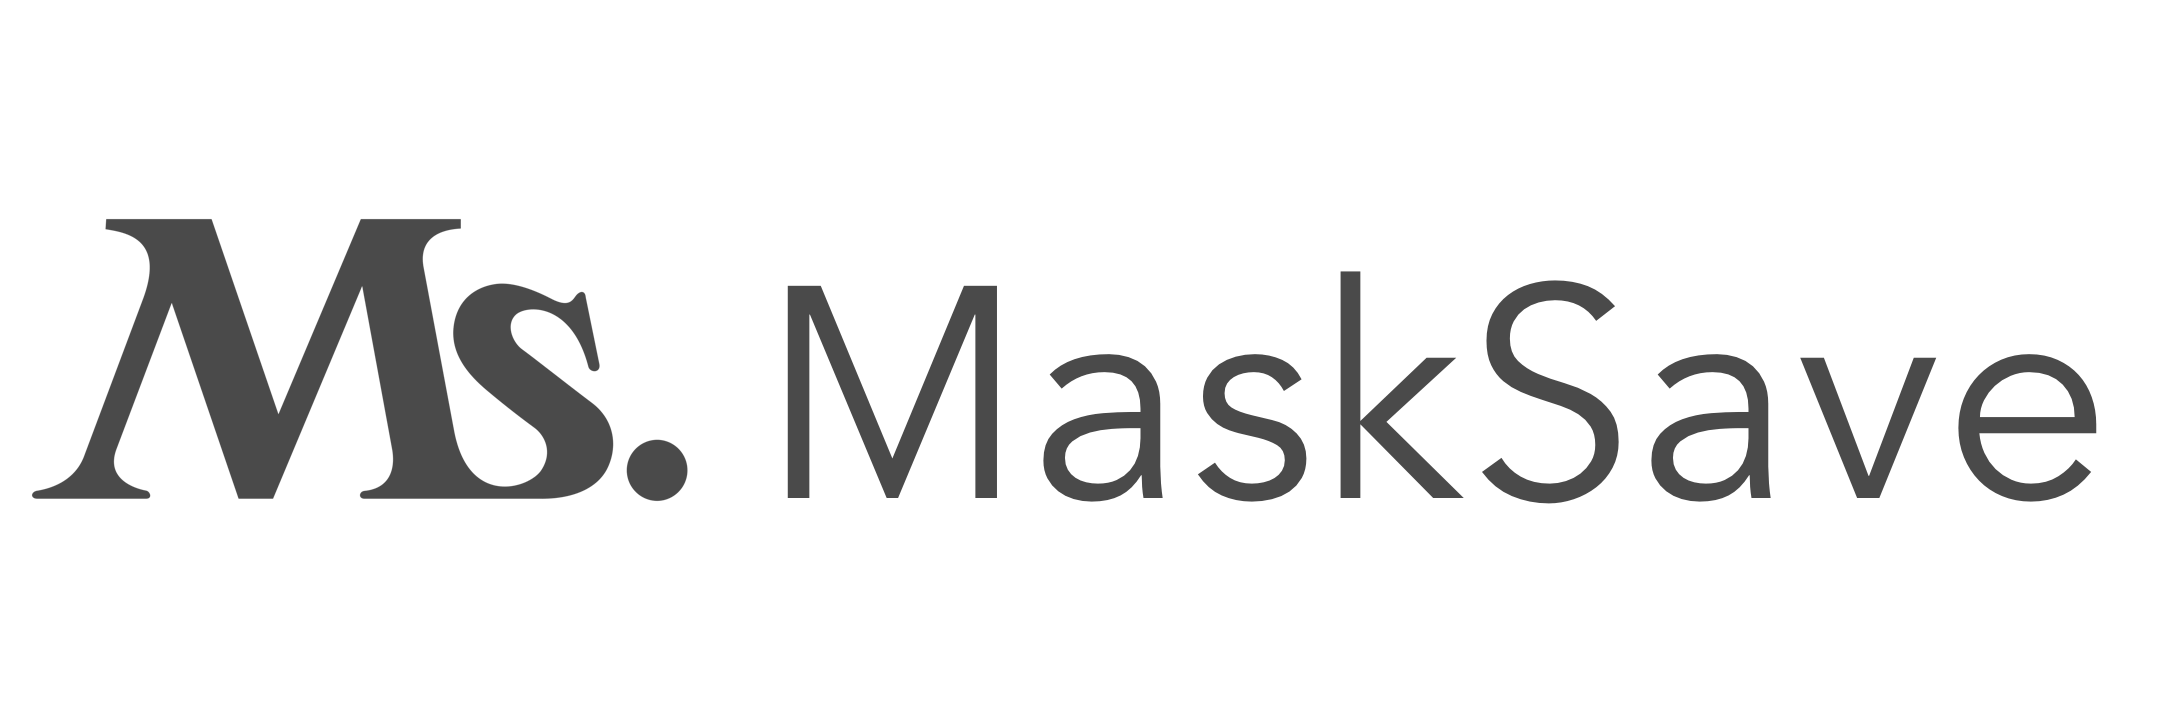 MaskSave